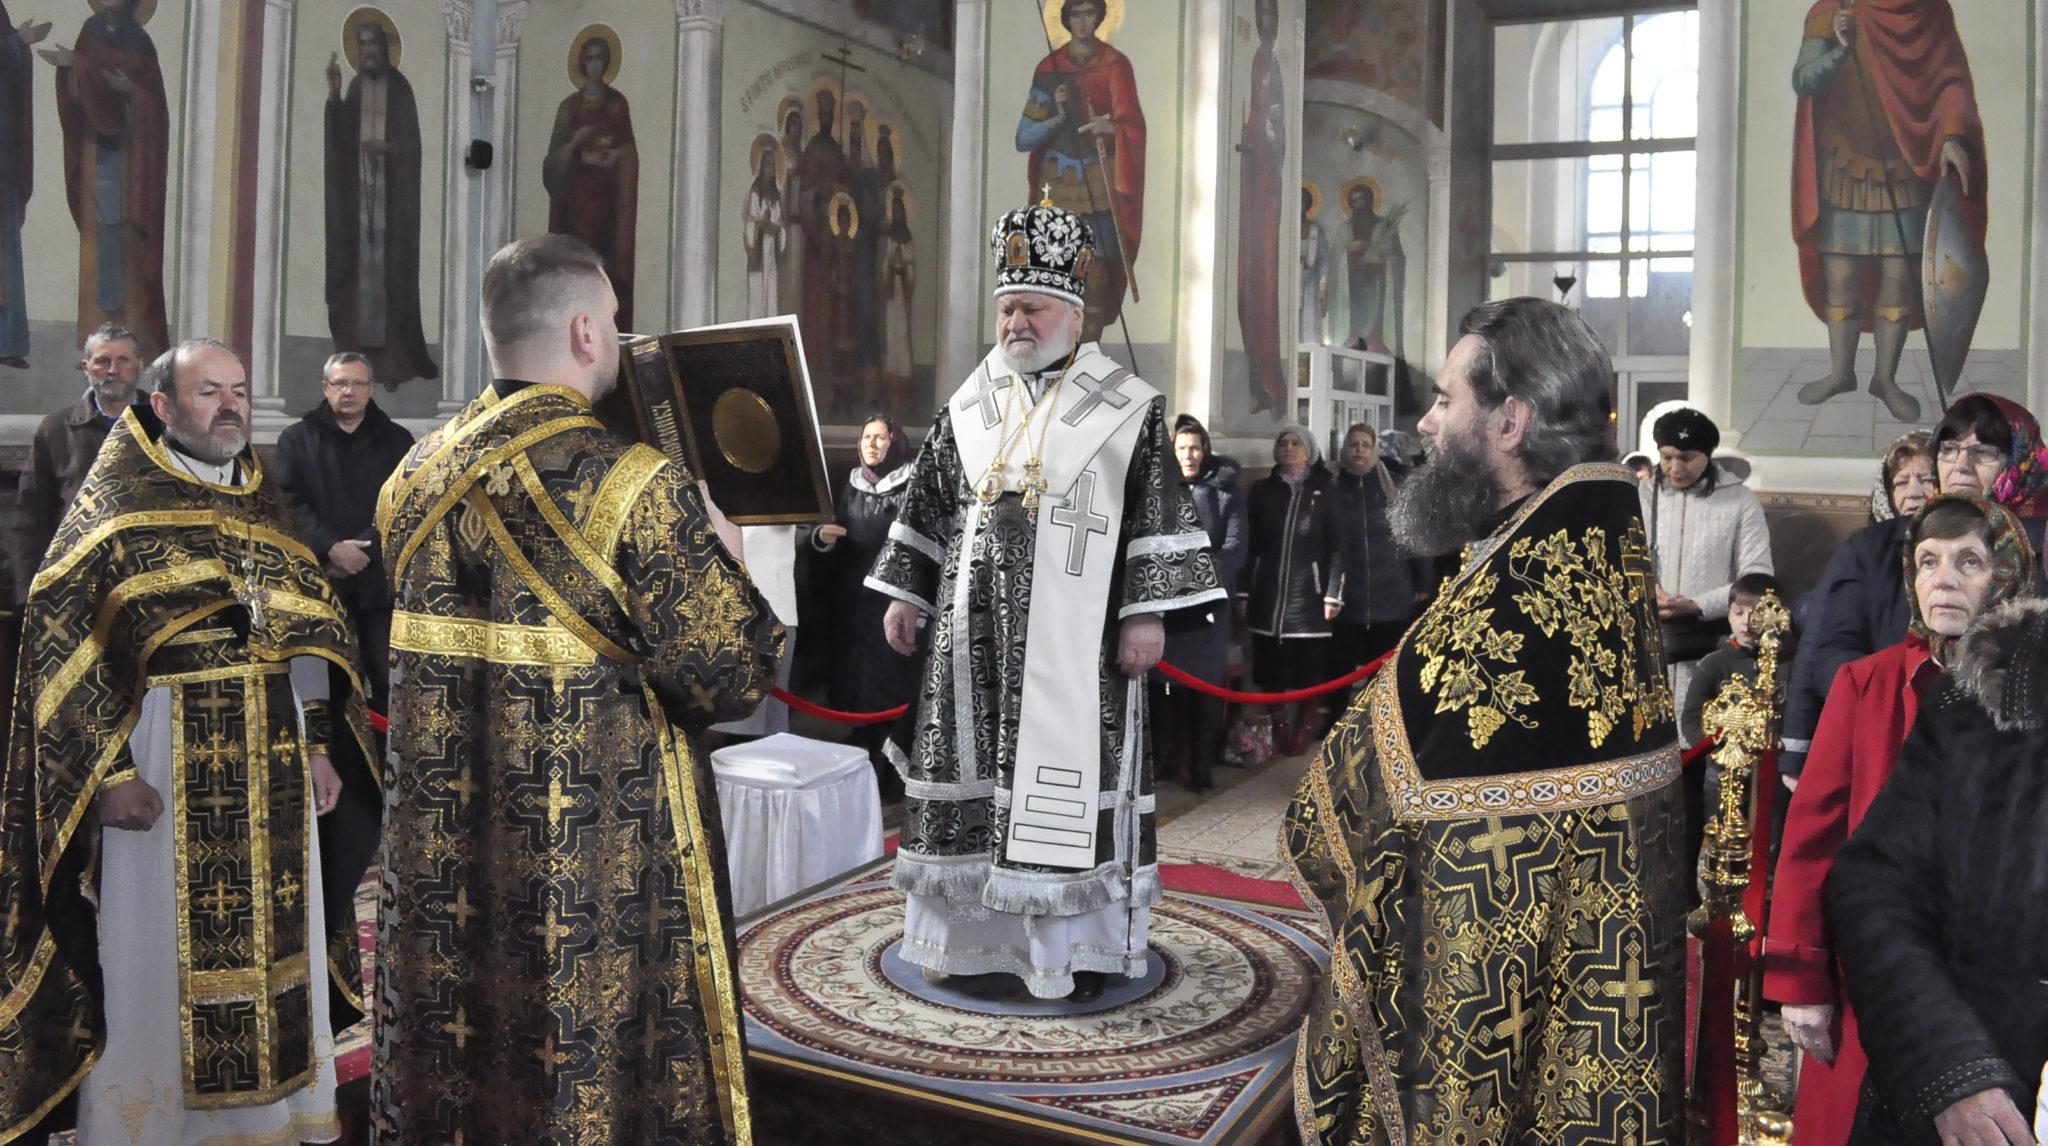 Преосвященнейший Анатолий епископ Кагульский и Комратский совершил Божественную Литургию в Кафедральном соборе города Кагул